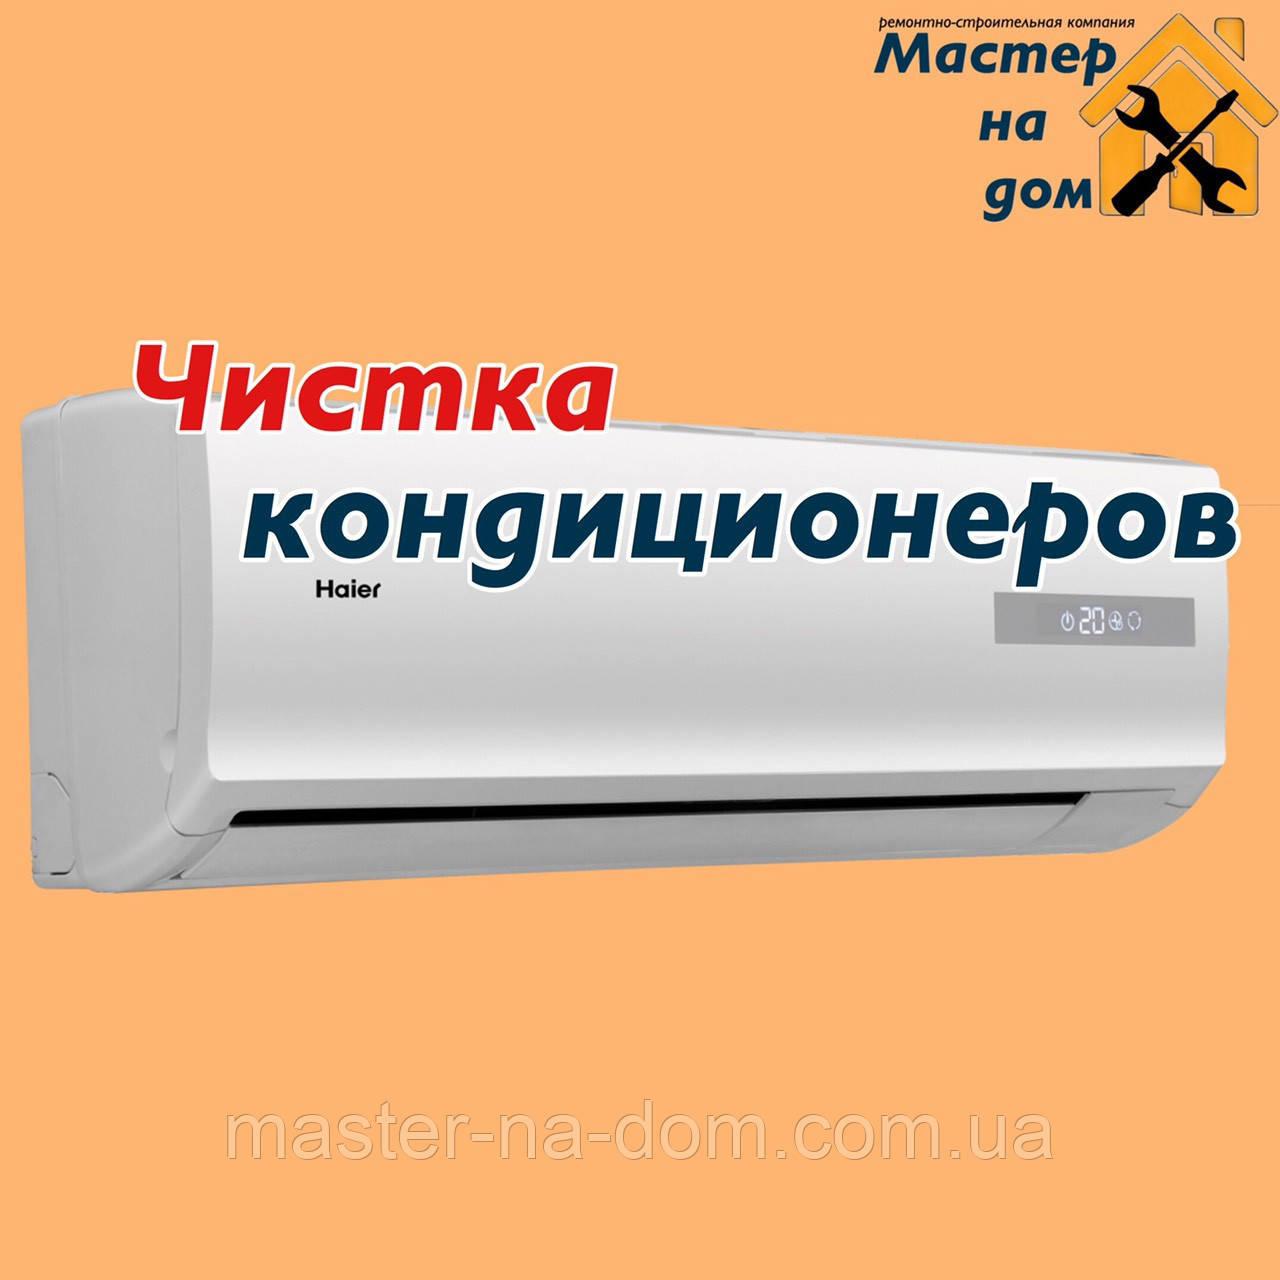 Чистка кондиционеров в Ивано-Франковске, фото 1